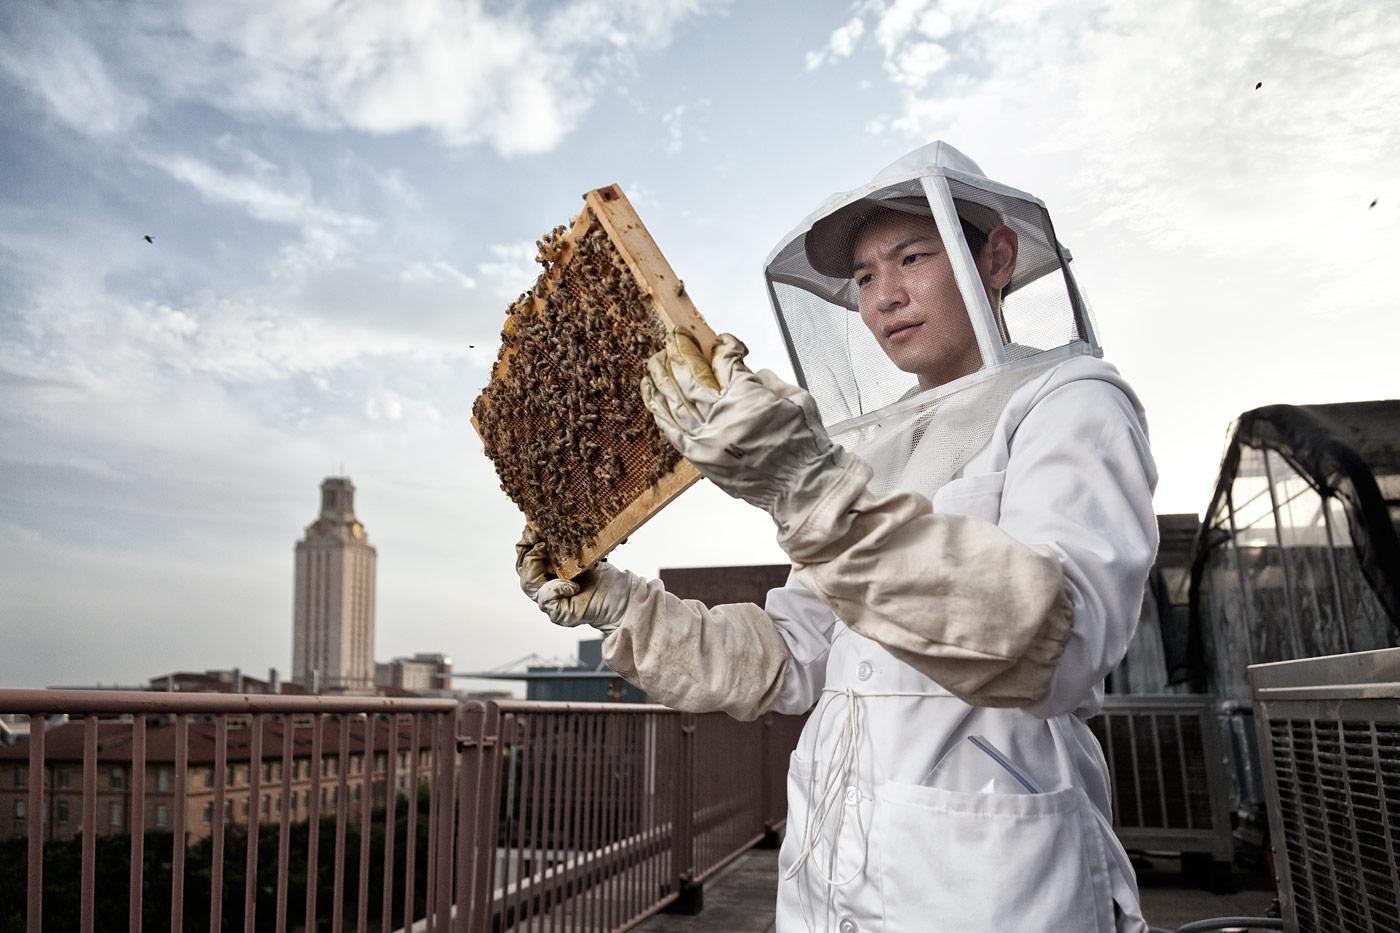 Editorial-ABP-beekeeper-university-of-texas.jpg